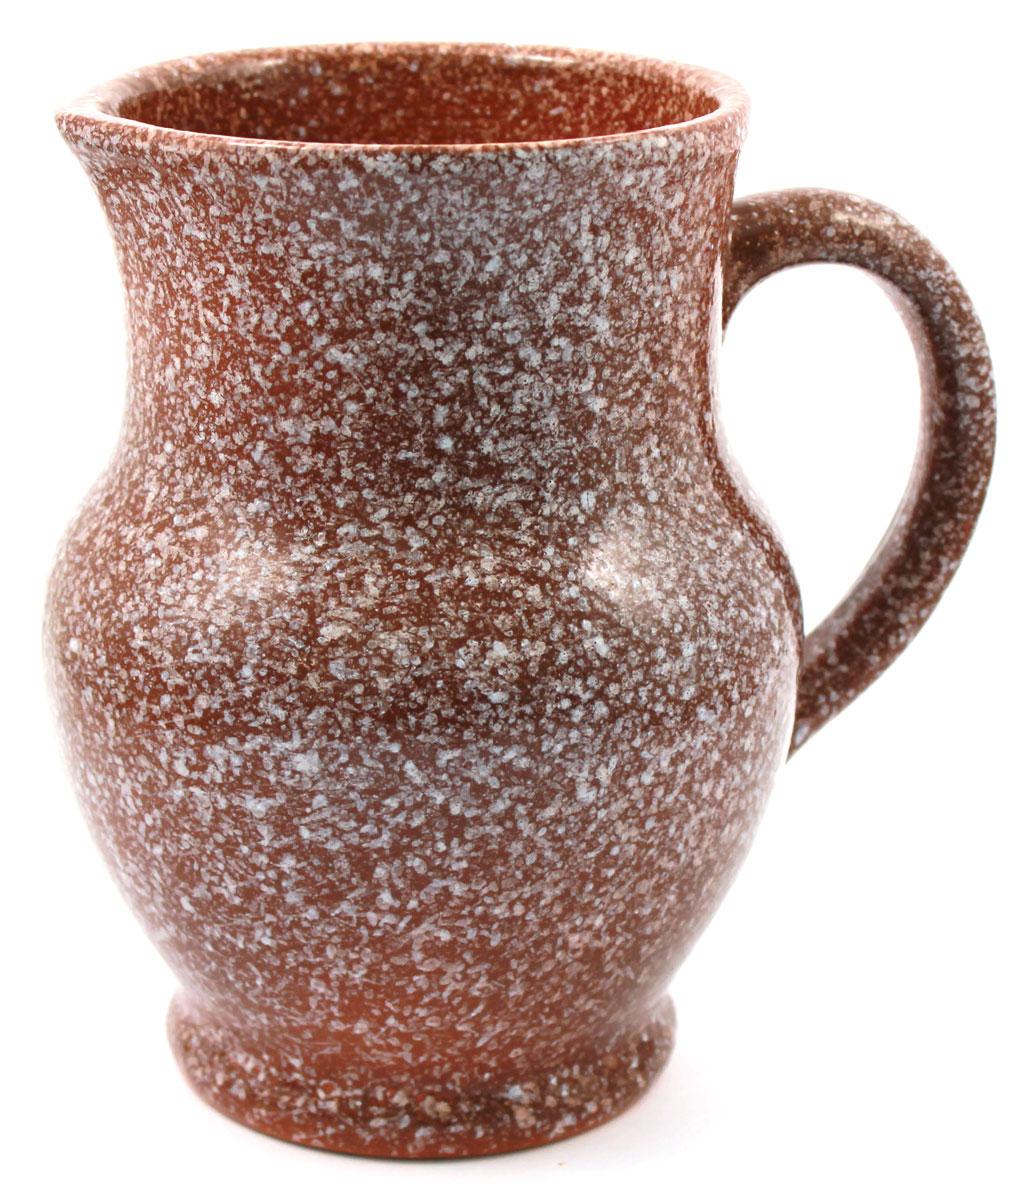 Кувшин Ломоносовская керамика Мрамор, 1,3 лVT-1520(SR)Кувшин Ломоносовская керамика изготовлен из высококачественной глины и оснащен удобной ручкой. Прекрасно подходит для подачи воды, сока, компота и других напитков. Изящный кувшин красиво оформит стол и порадует вас элегантным дизайном и простотой ухода.Диаметр: 16 см.Высота: 17,5 см.